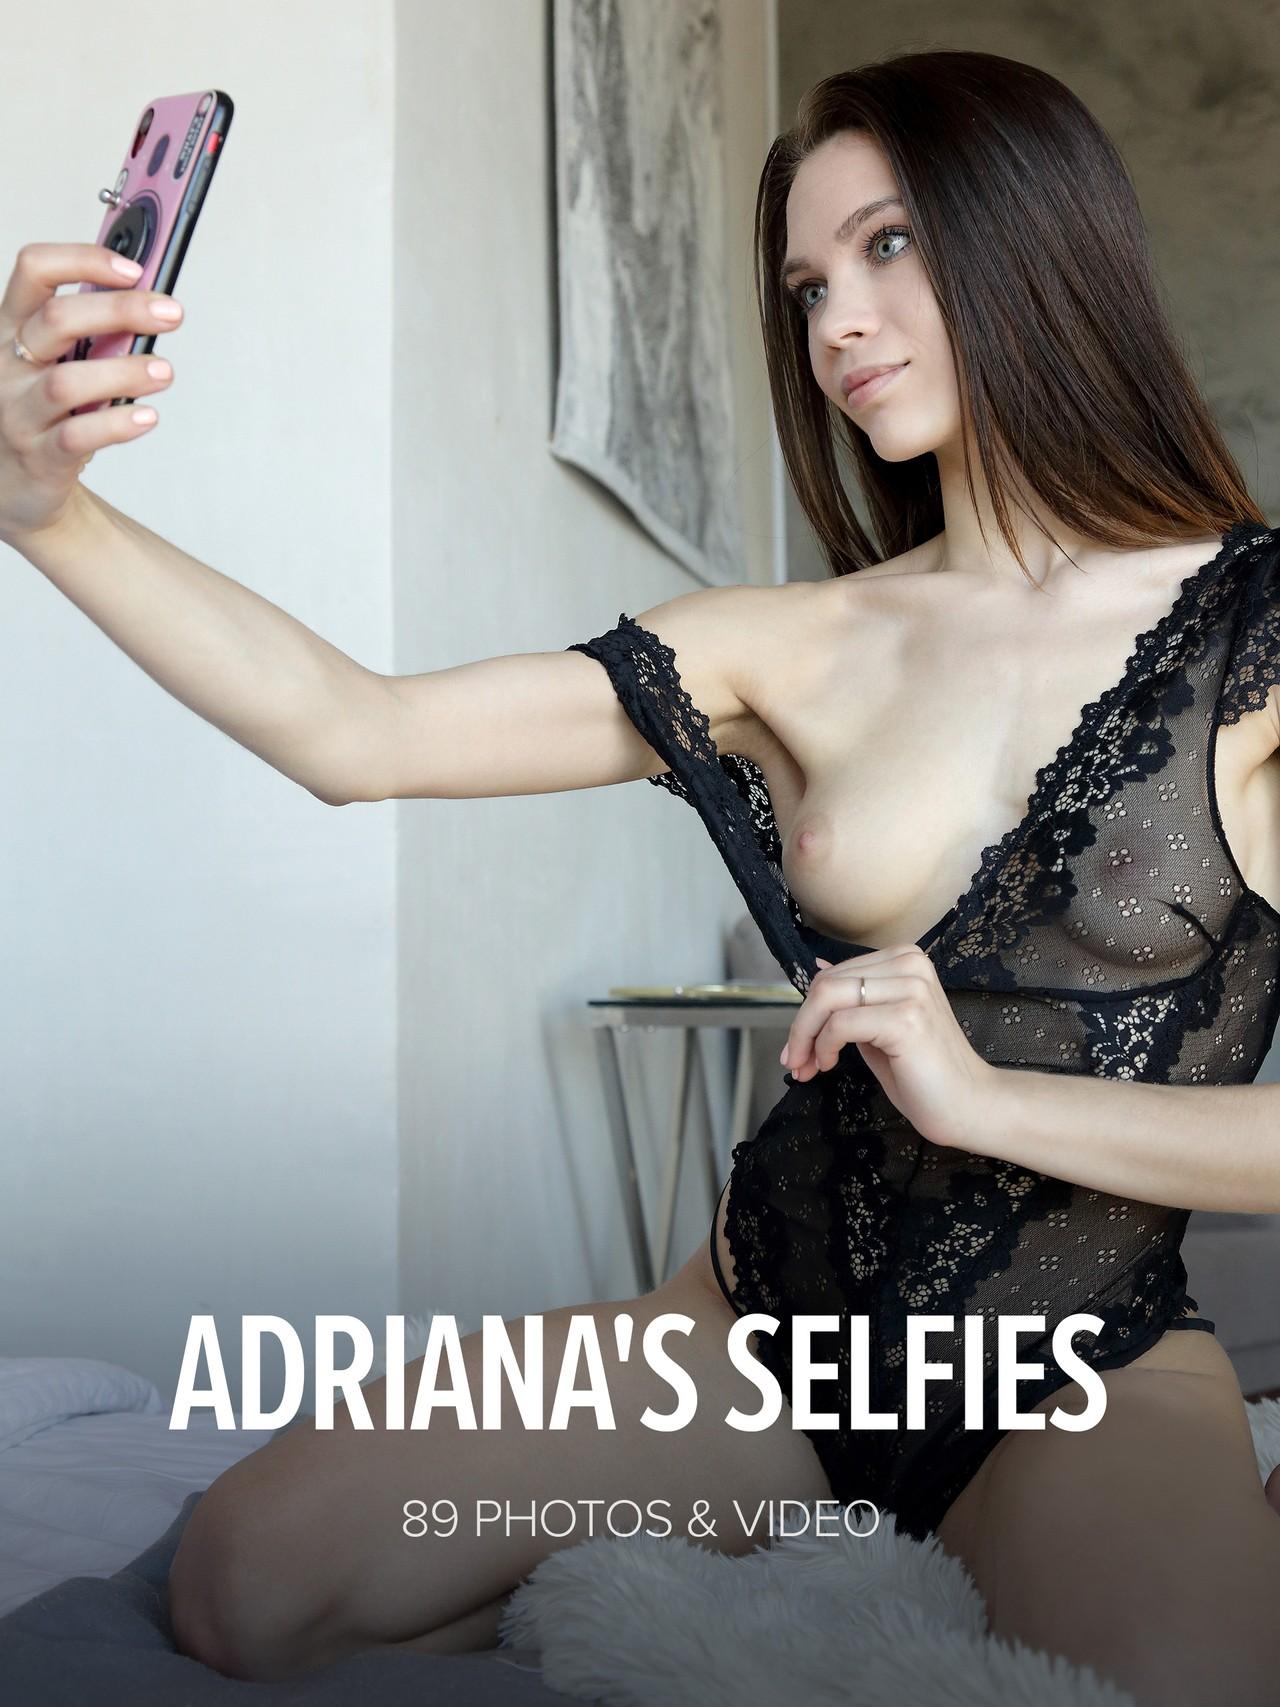 Adriana: Adriana